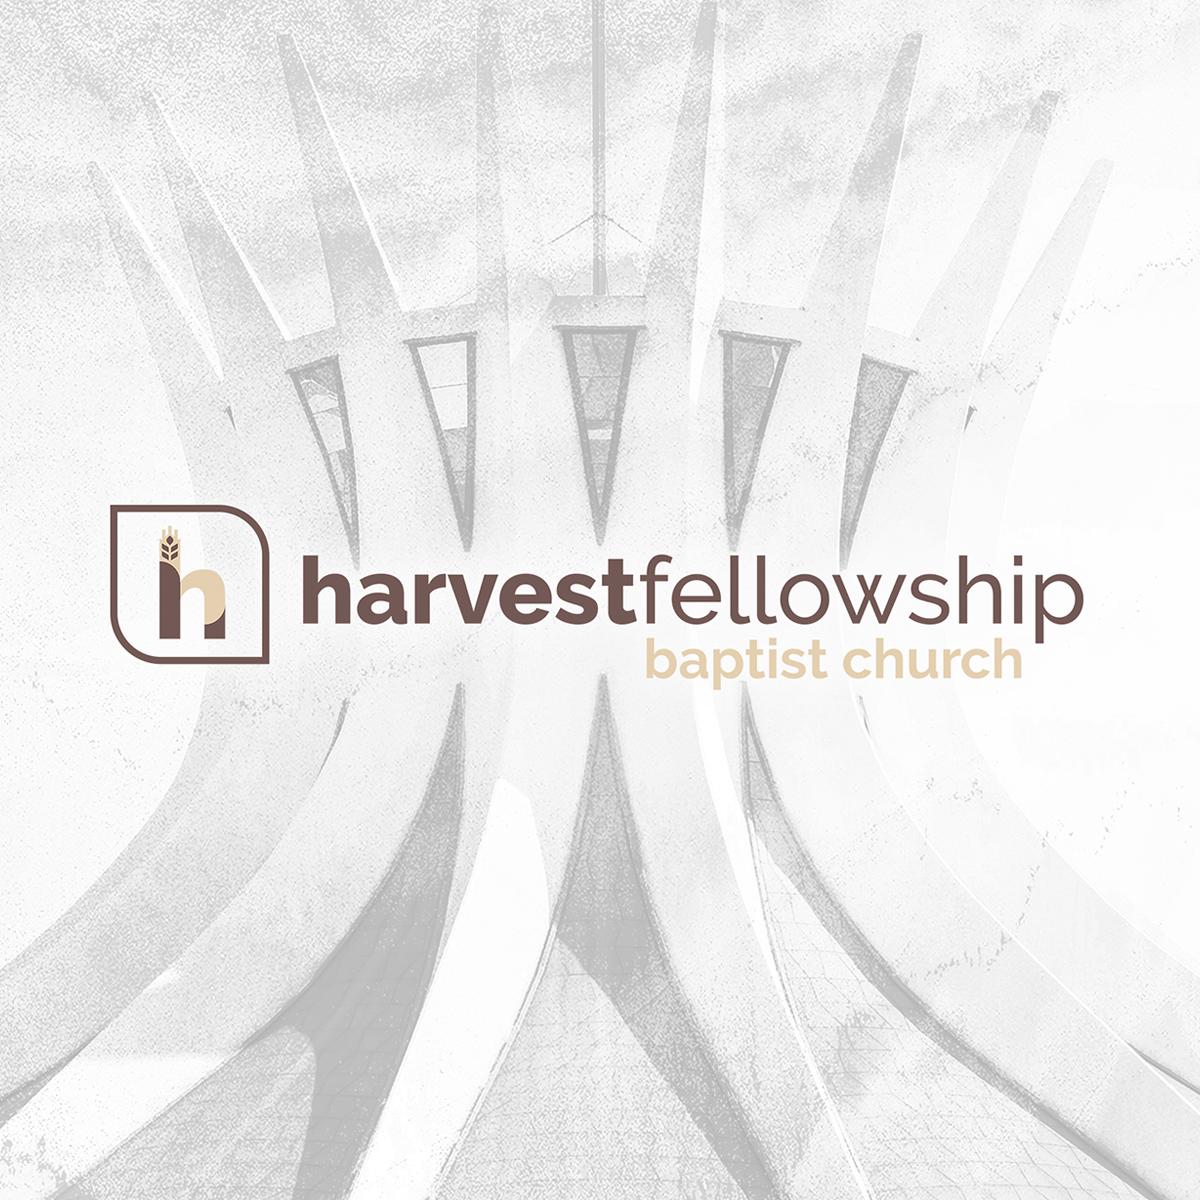 Harvest Fellowship Baptist Church